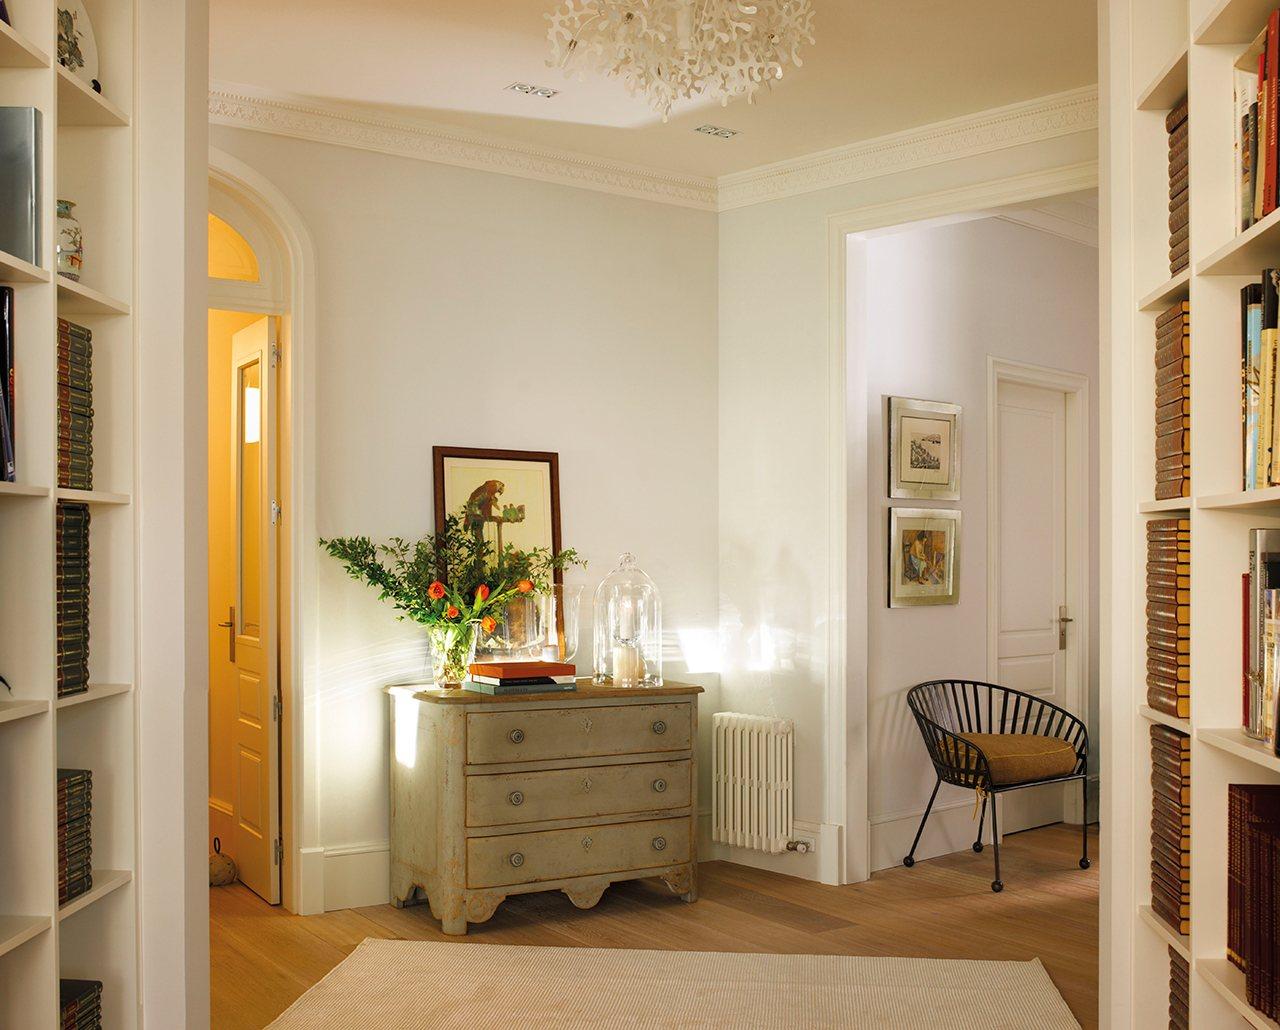 Un piso al ms puro estilo El Mueble